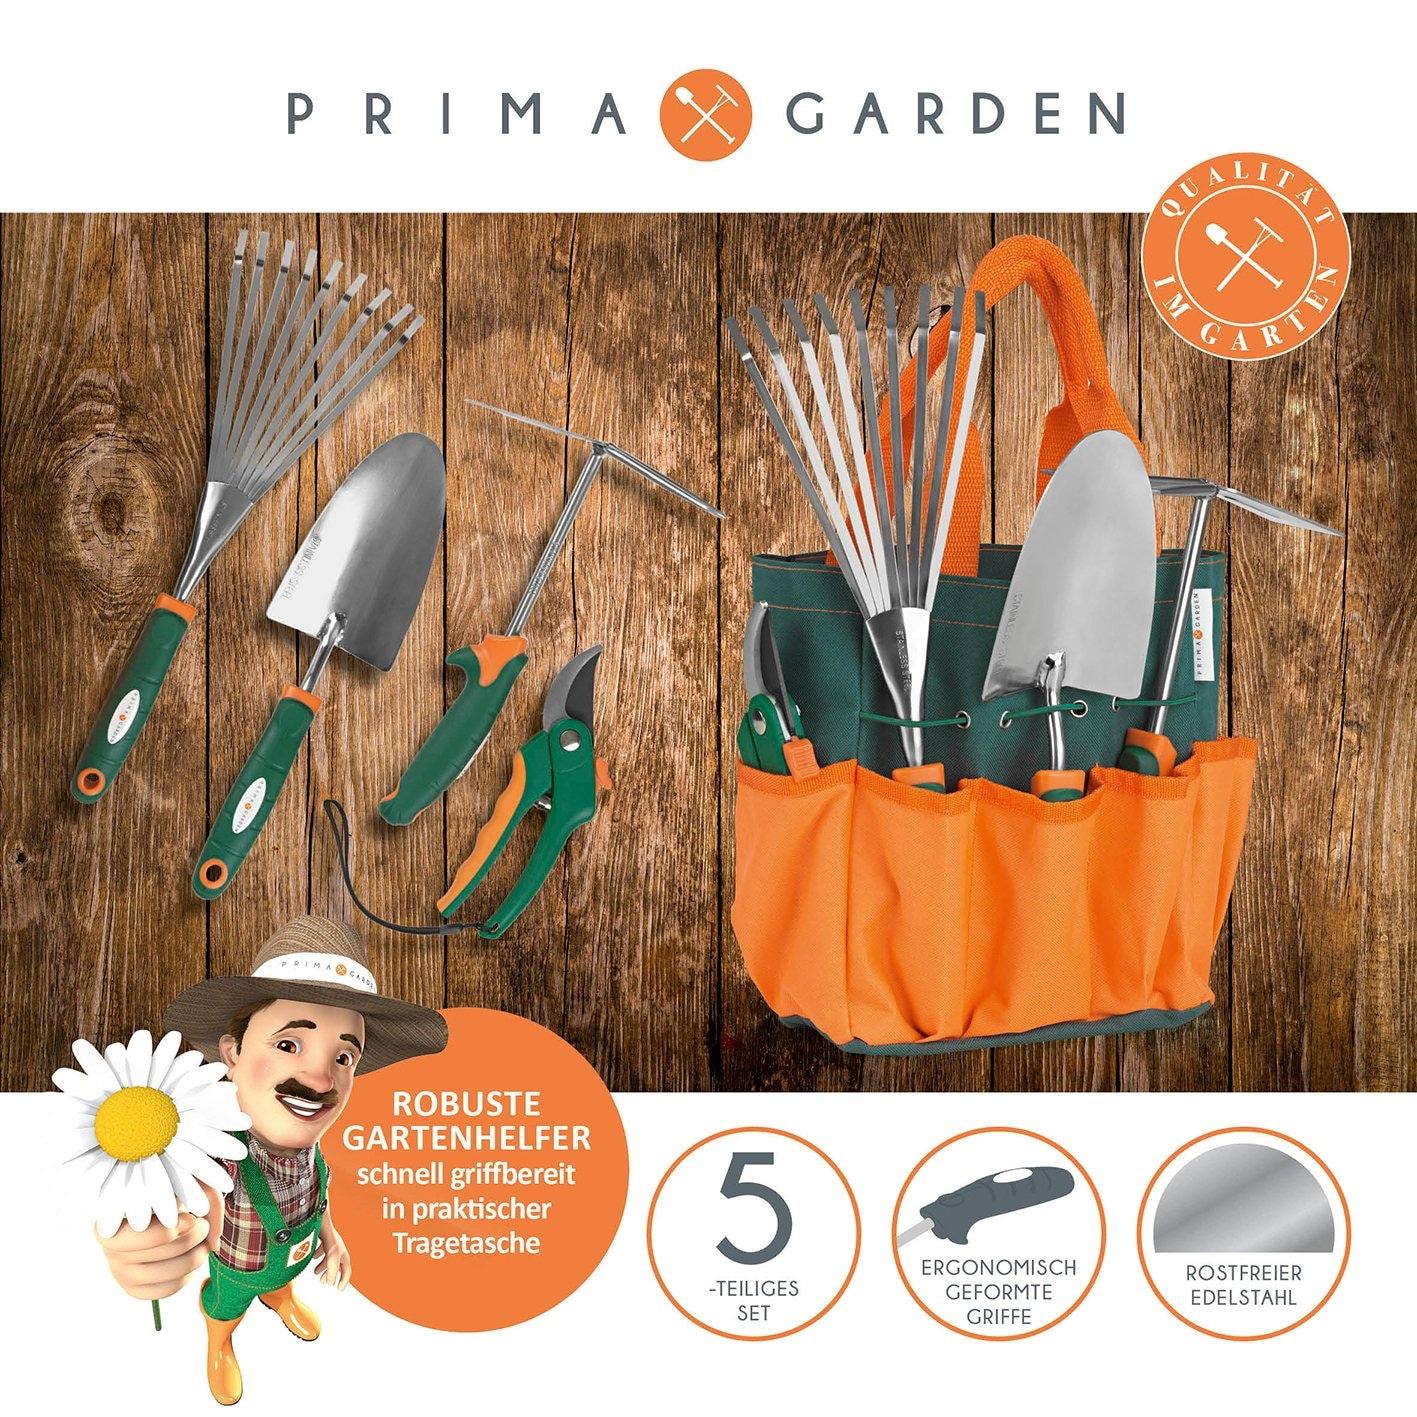 PRIMA GARDEN Garten-Kleingeräte-Set in Tragetasche - 5-tlg. Grundausstattung